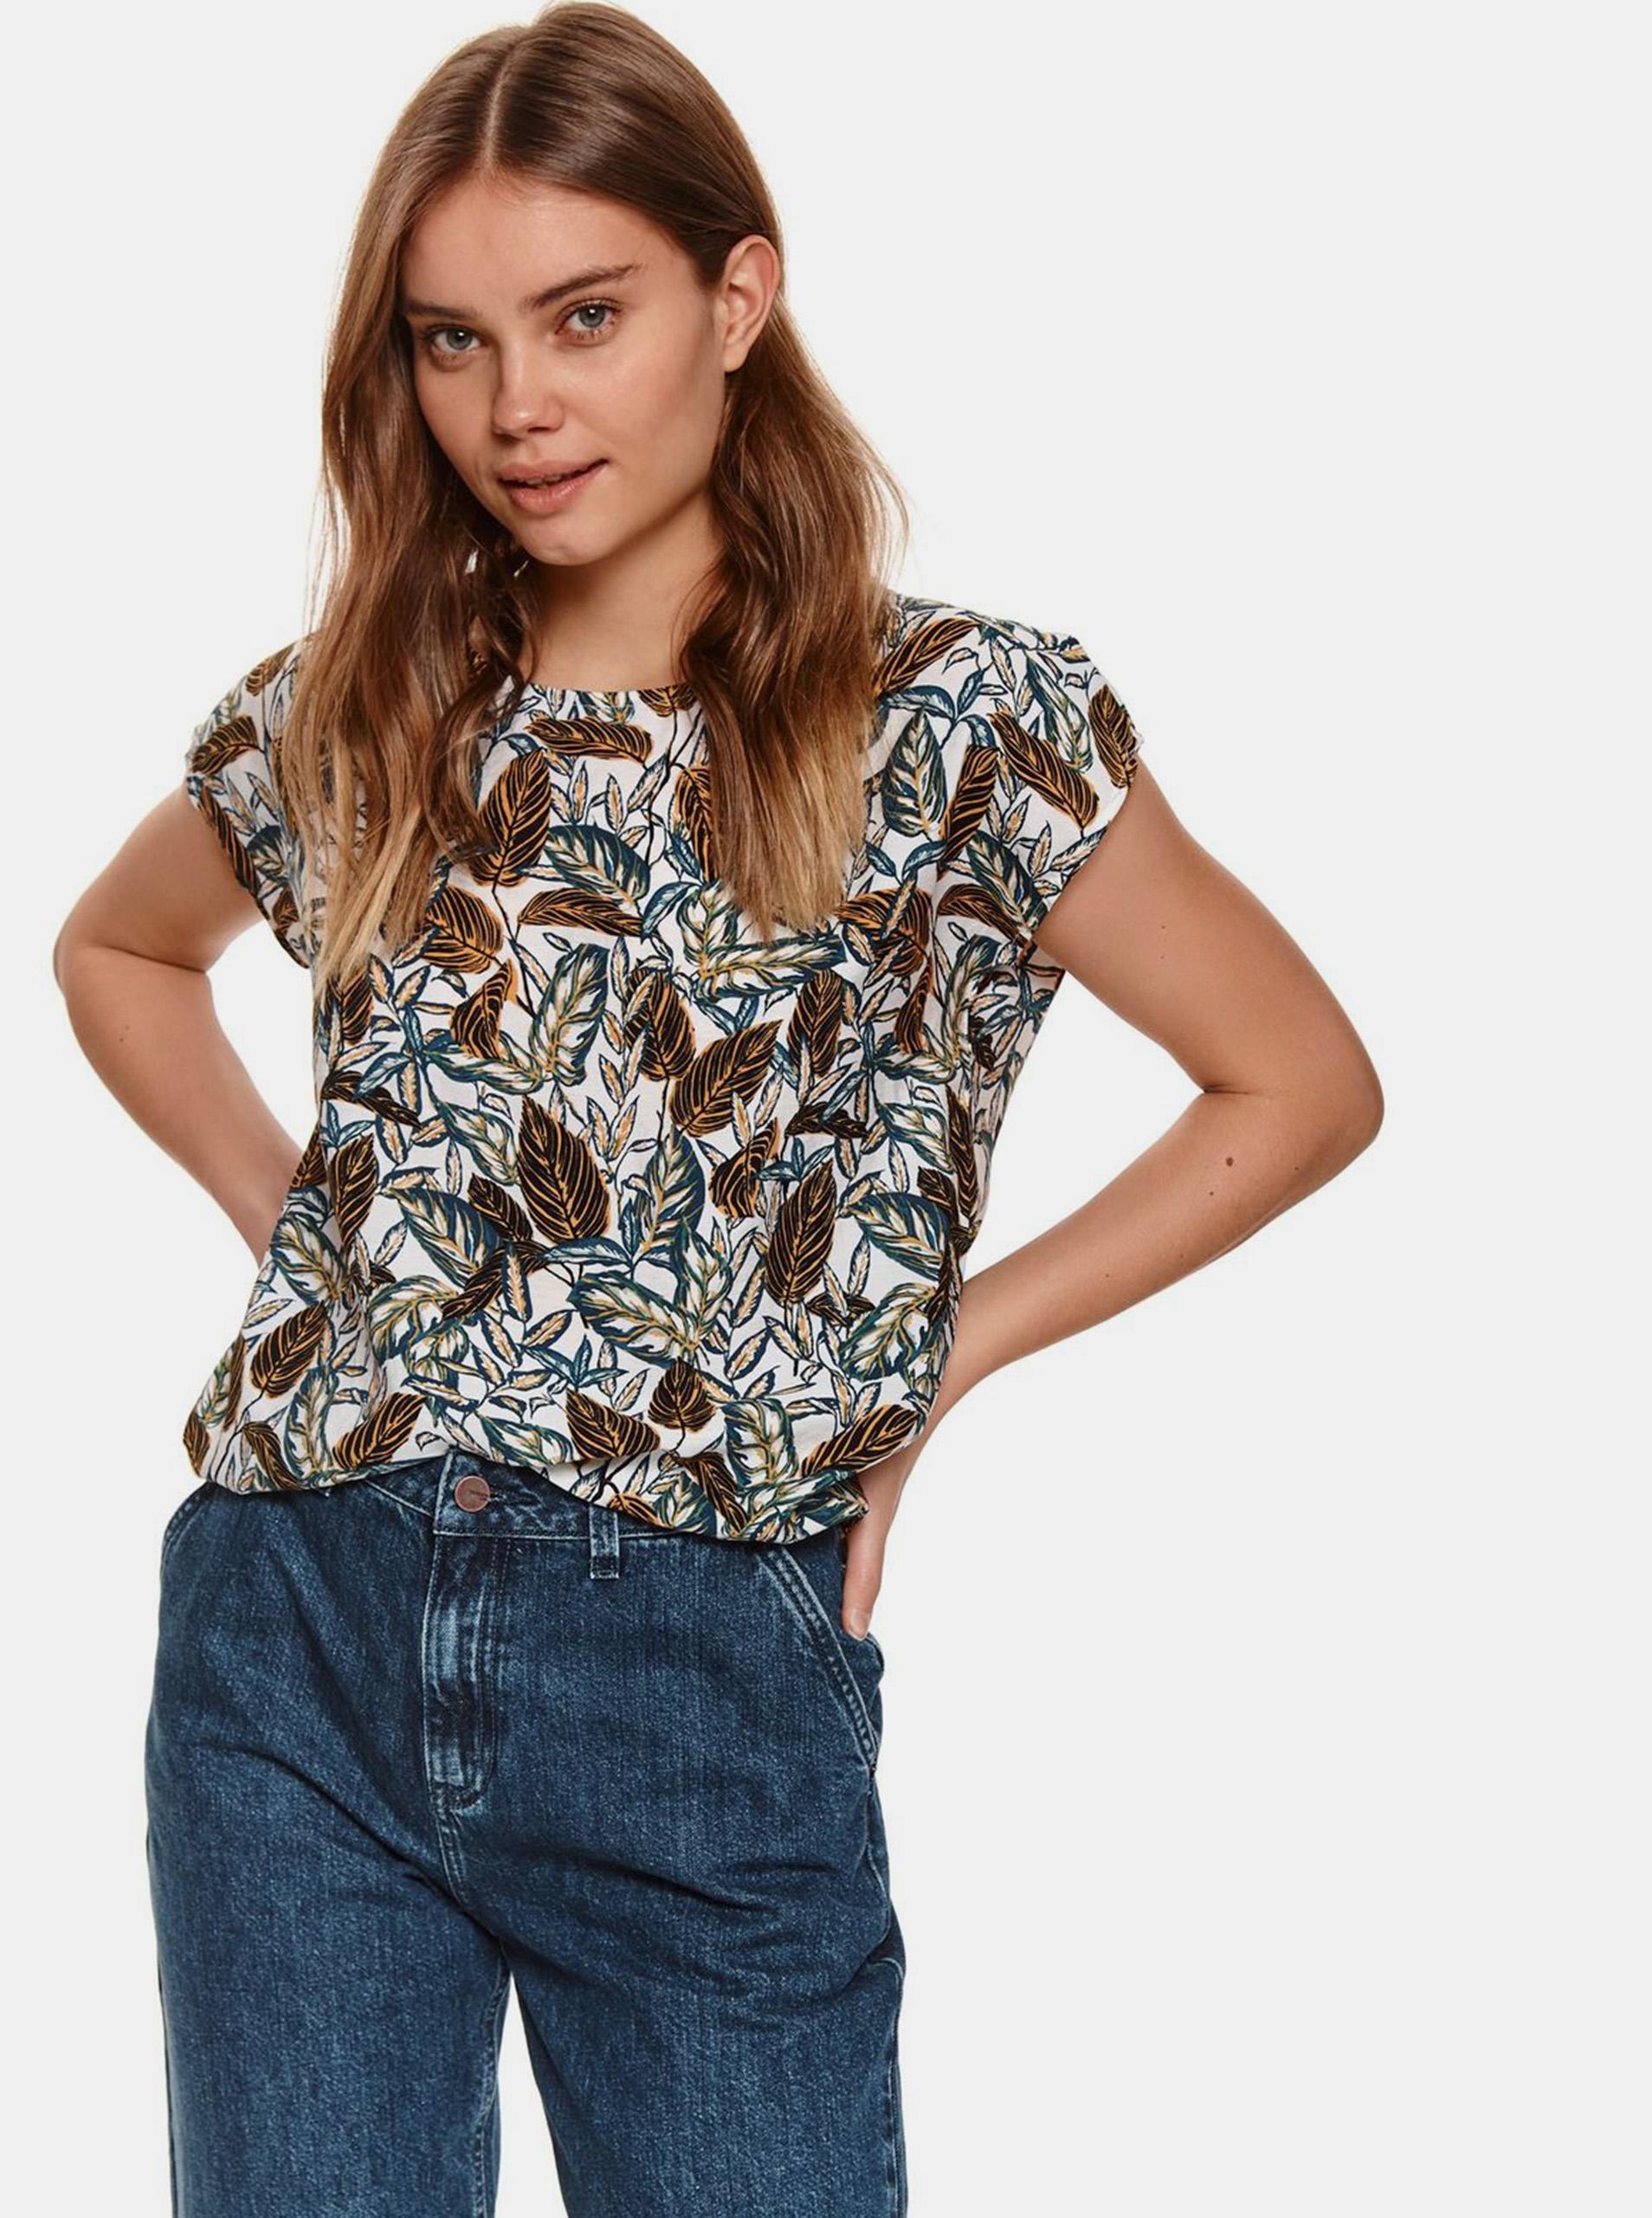 TOP SECRET hnědo-bílé dámské tričko se vzorem